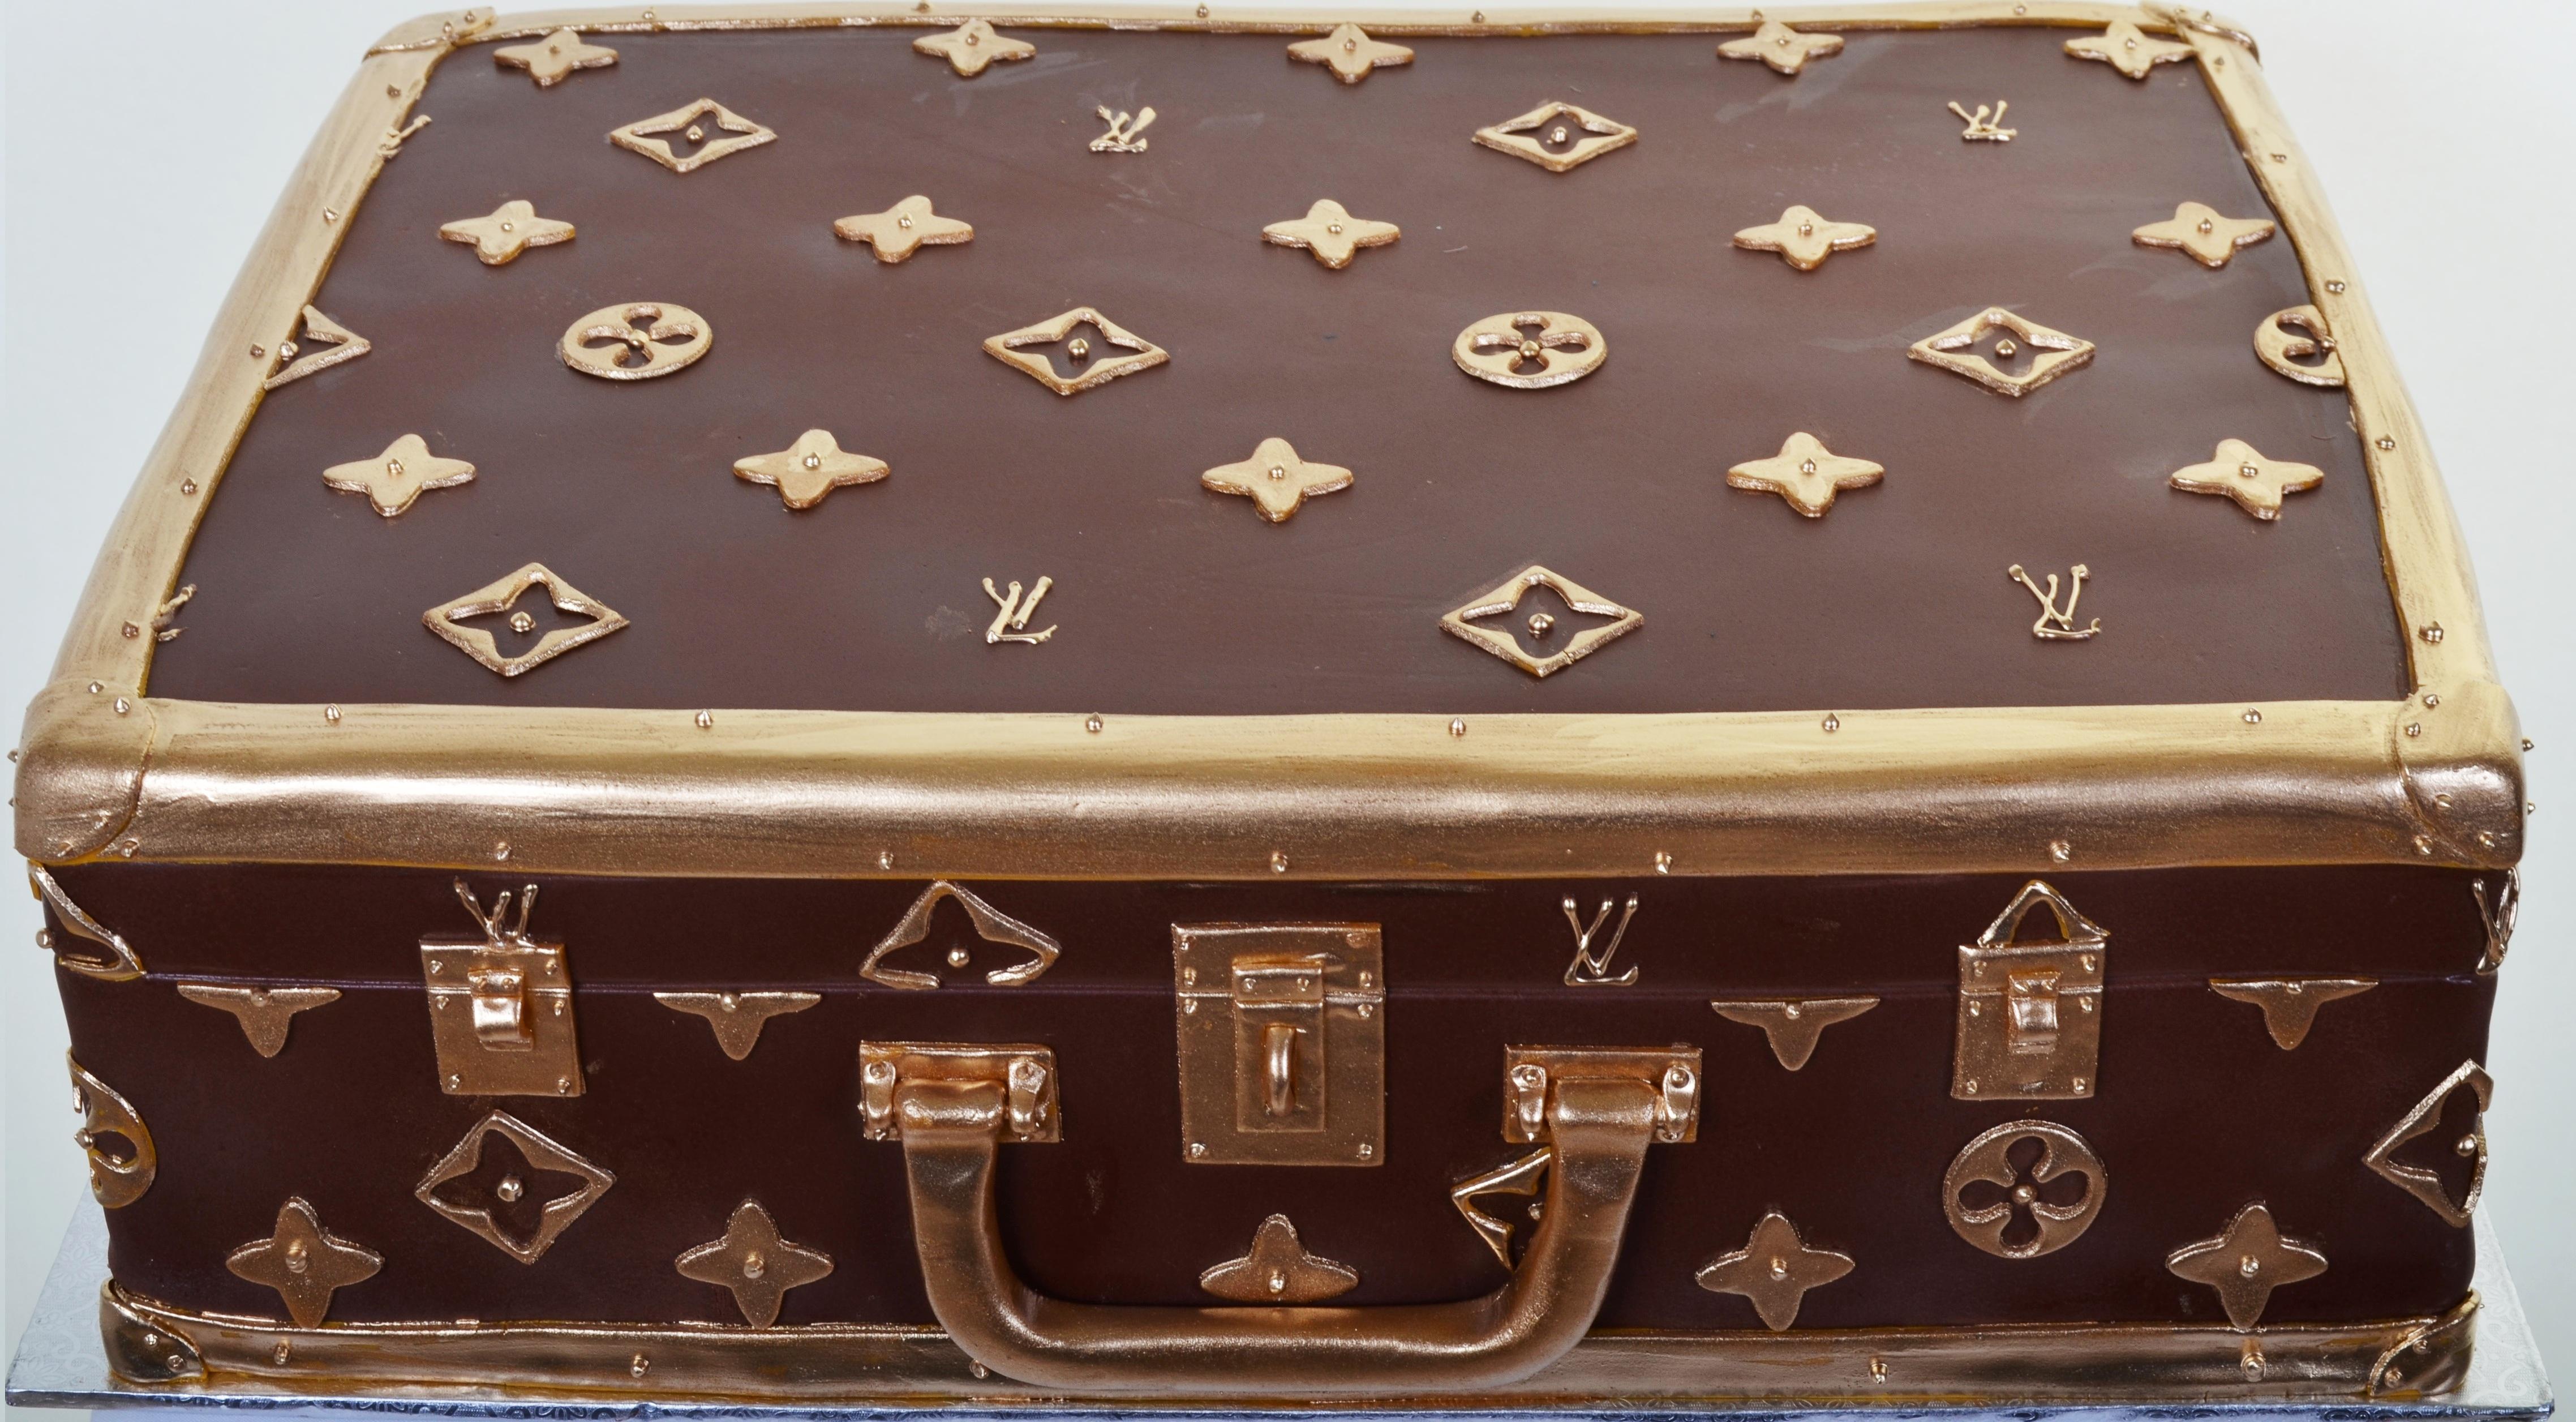 740 Louis Vuitton Briefcase Wedding Cakes Fresh Bakery